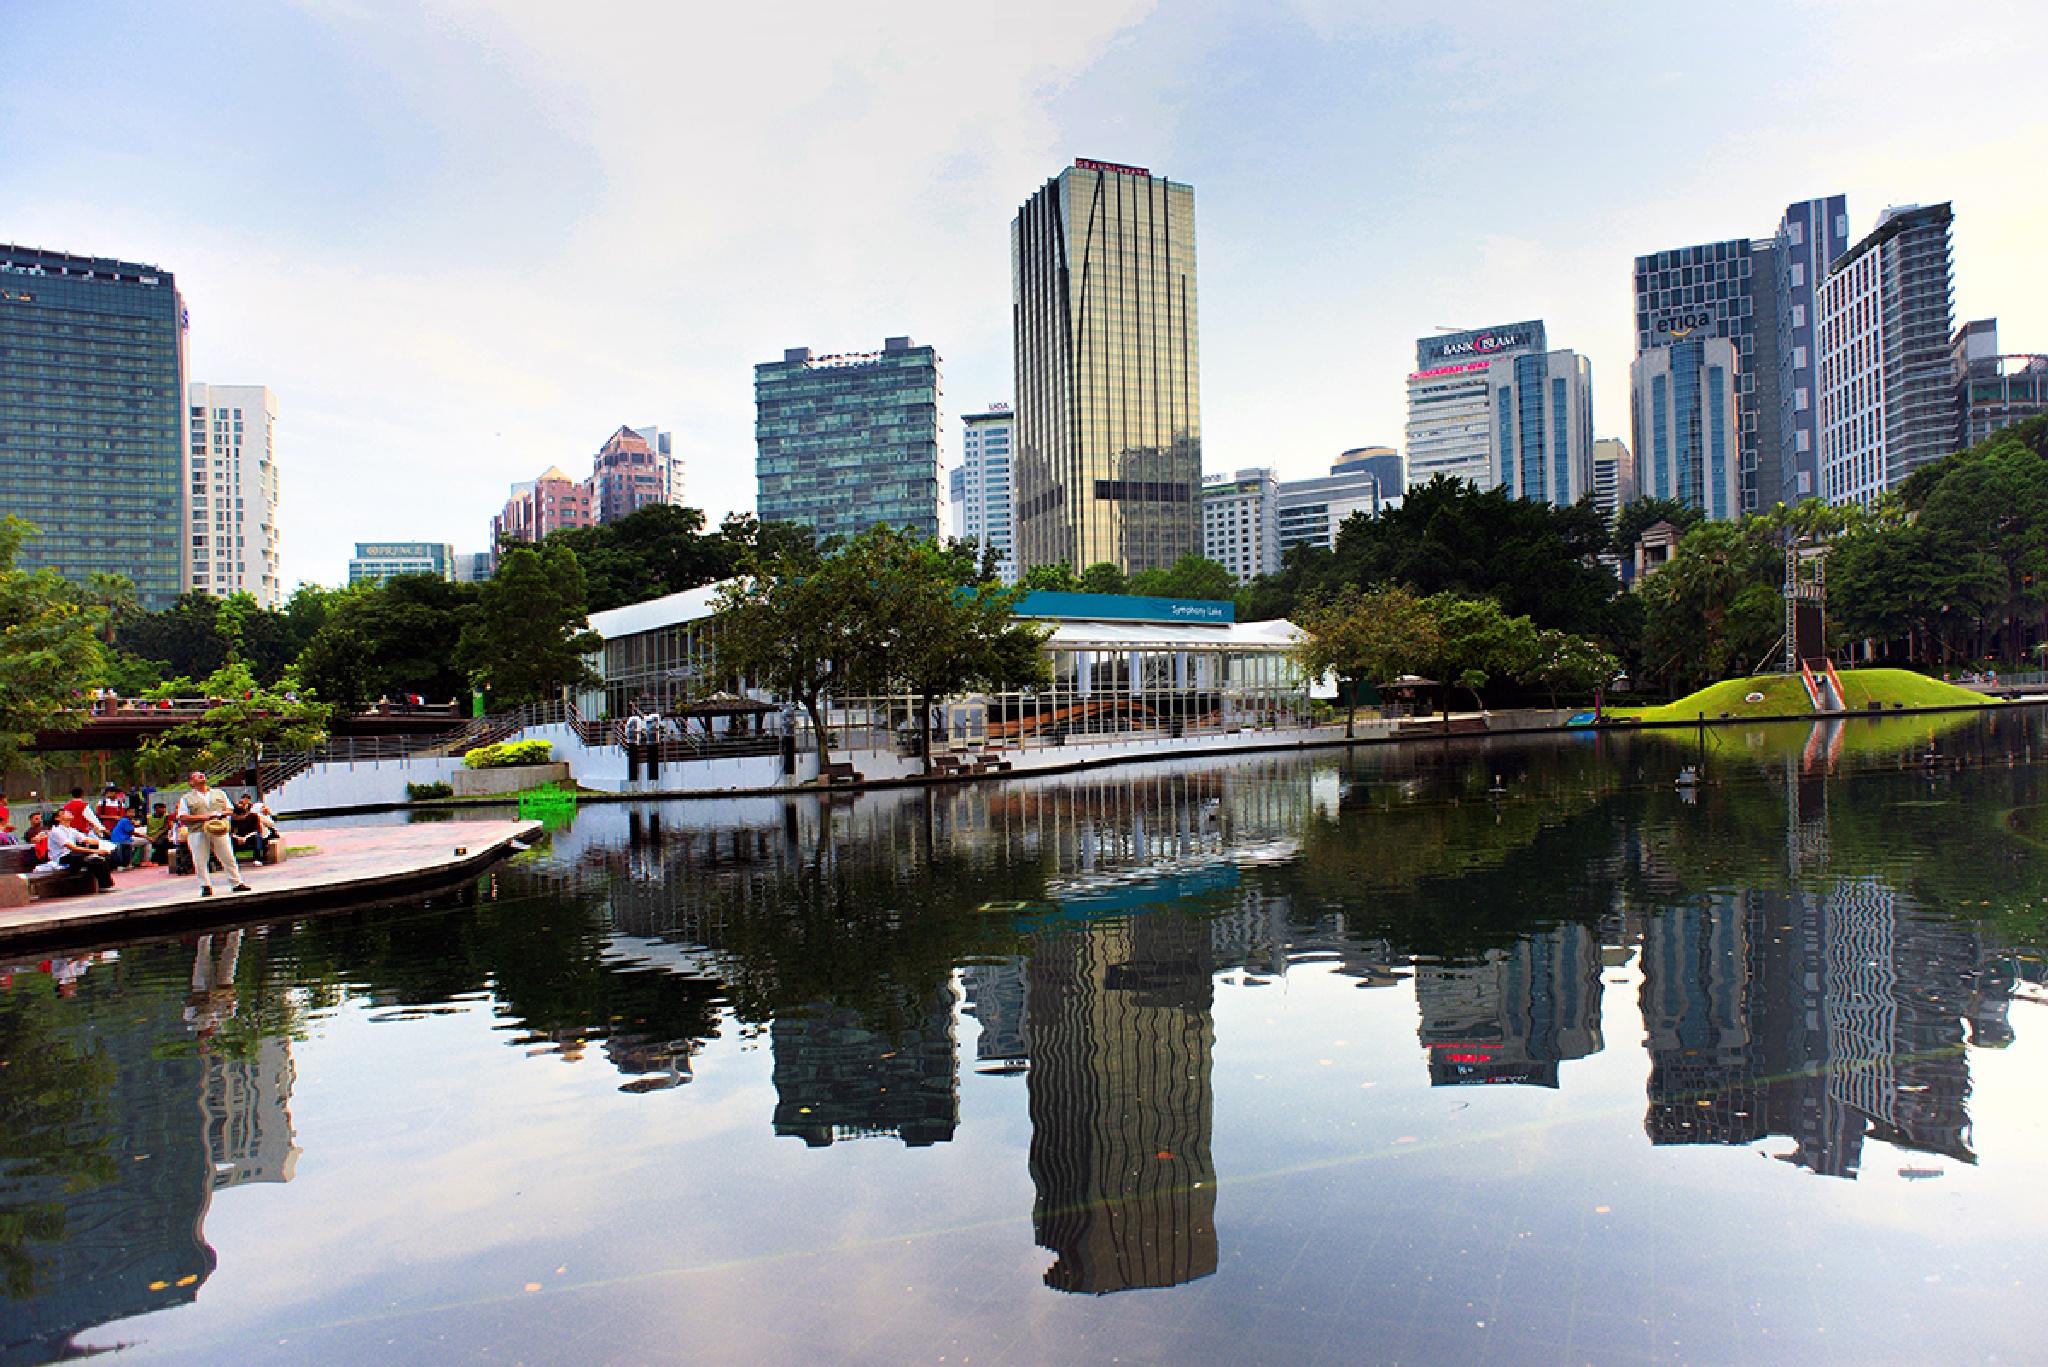 part of Kuala Lumpur city by Rudy Wahju